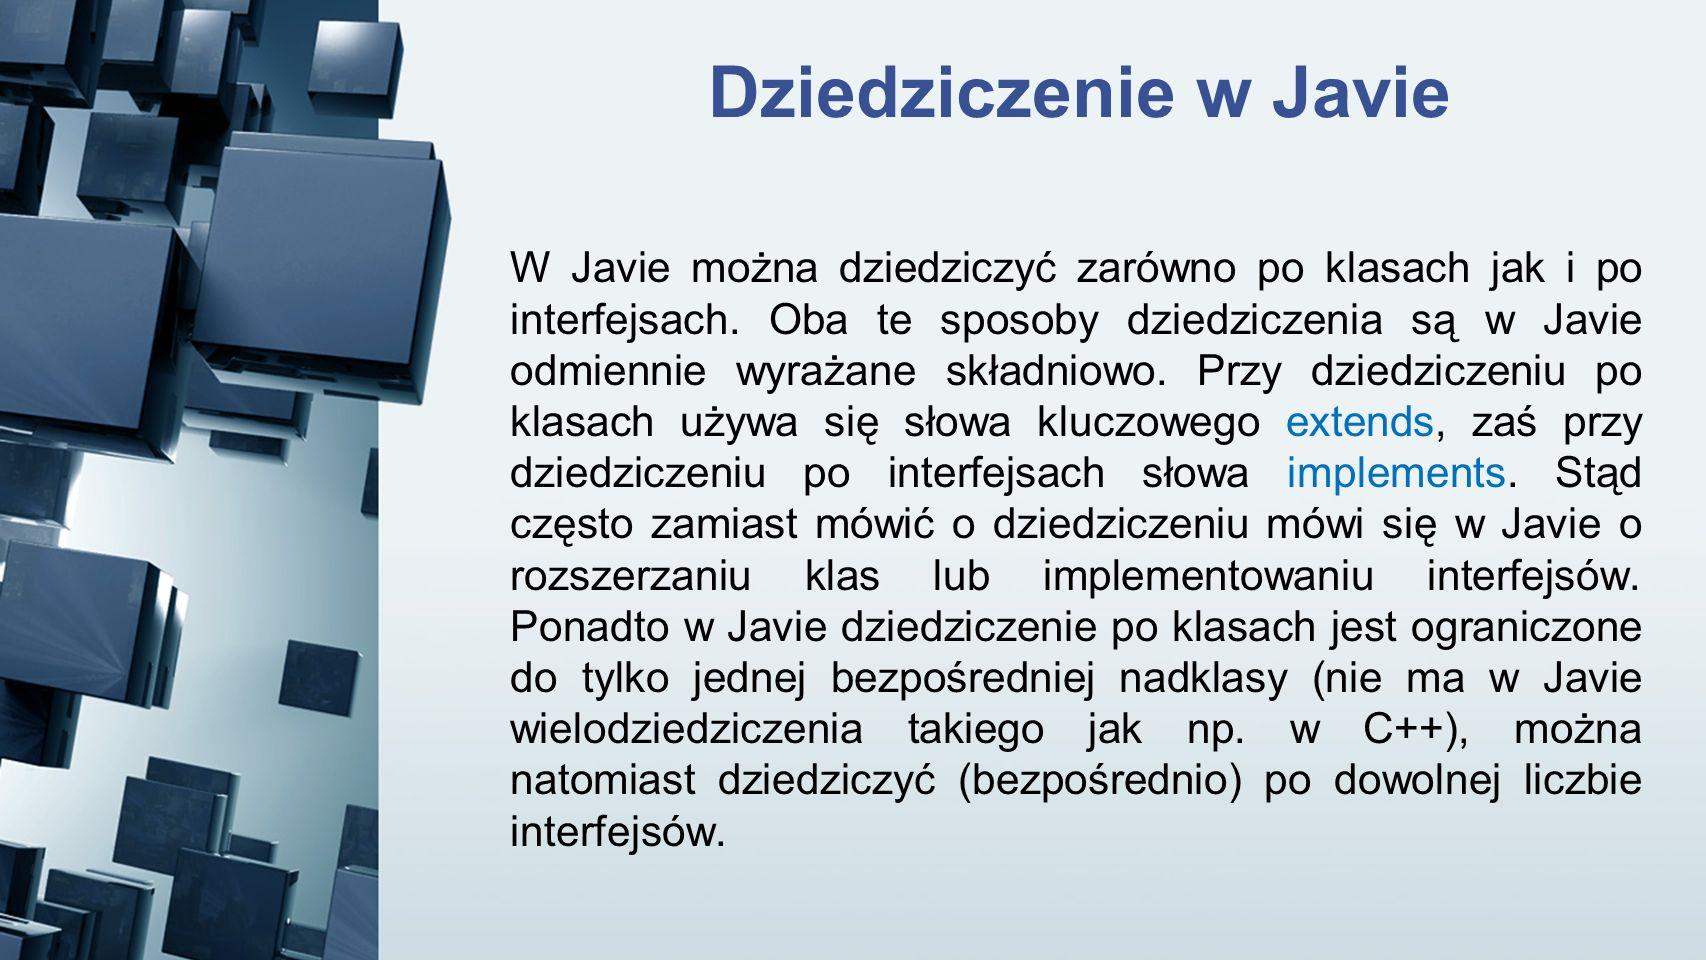 Dziedziczenie w Javie W Javie można dziedziczyć zarówno po klasach jak i po interfejsach. Oba te sposoby dziedziczenia są w Javie odmiennie wyrażane s